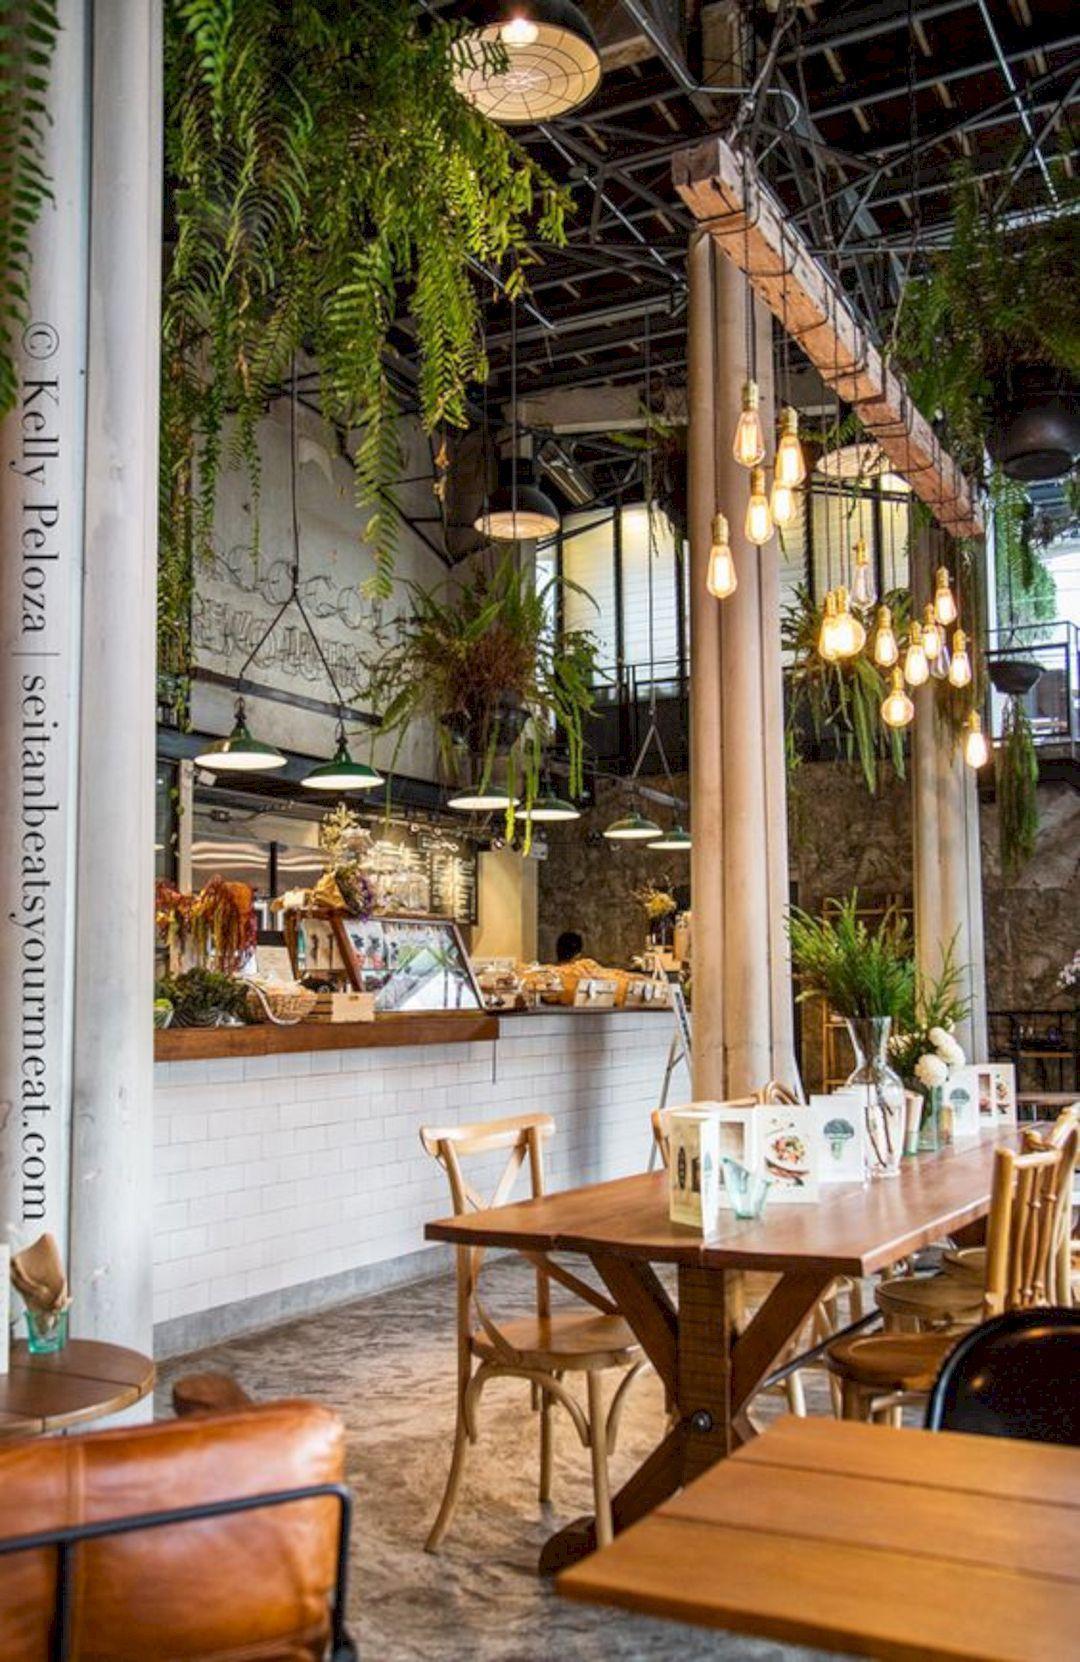 amazing restaurant interior design ideas stylish cafe interior design projects bar interiors with chic - Cafe Design Ideas